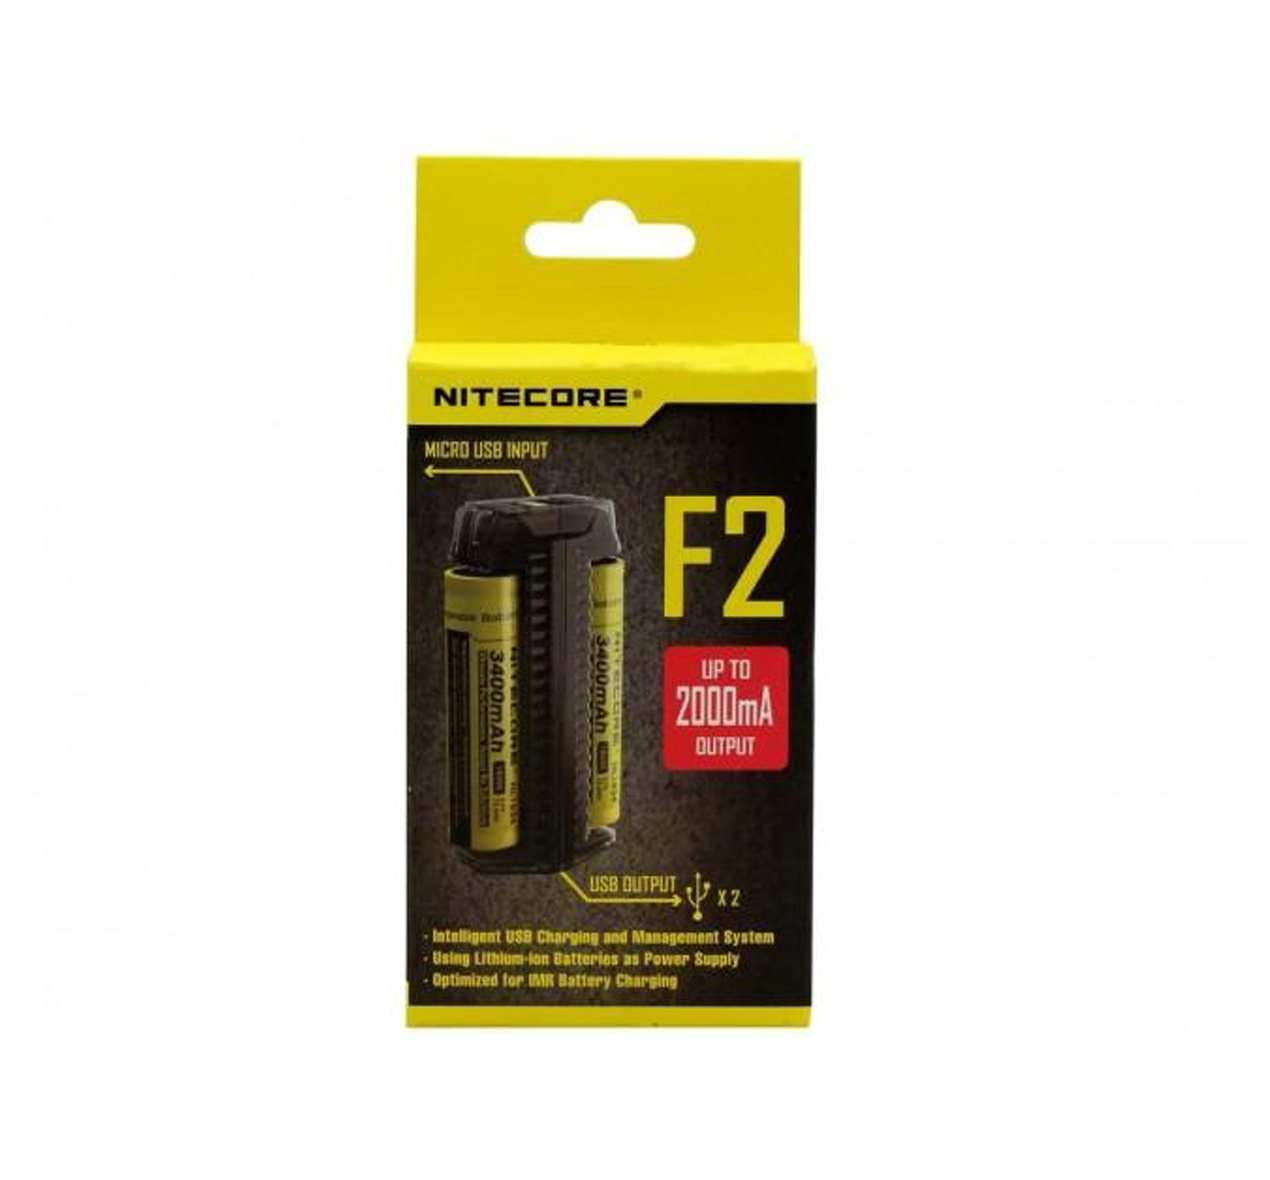 Nitecore F2 charger